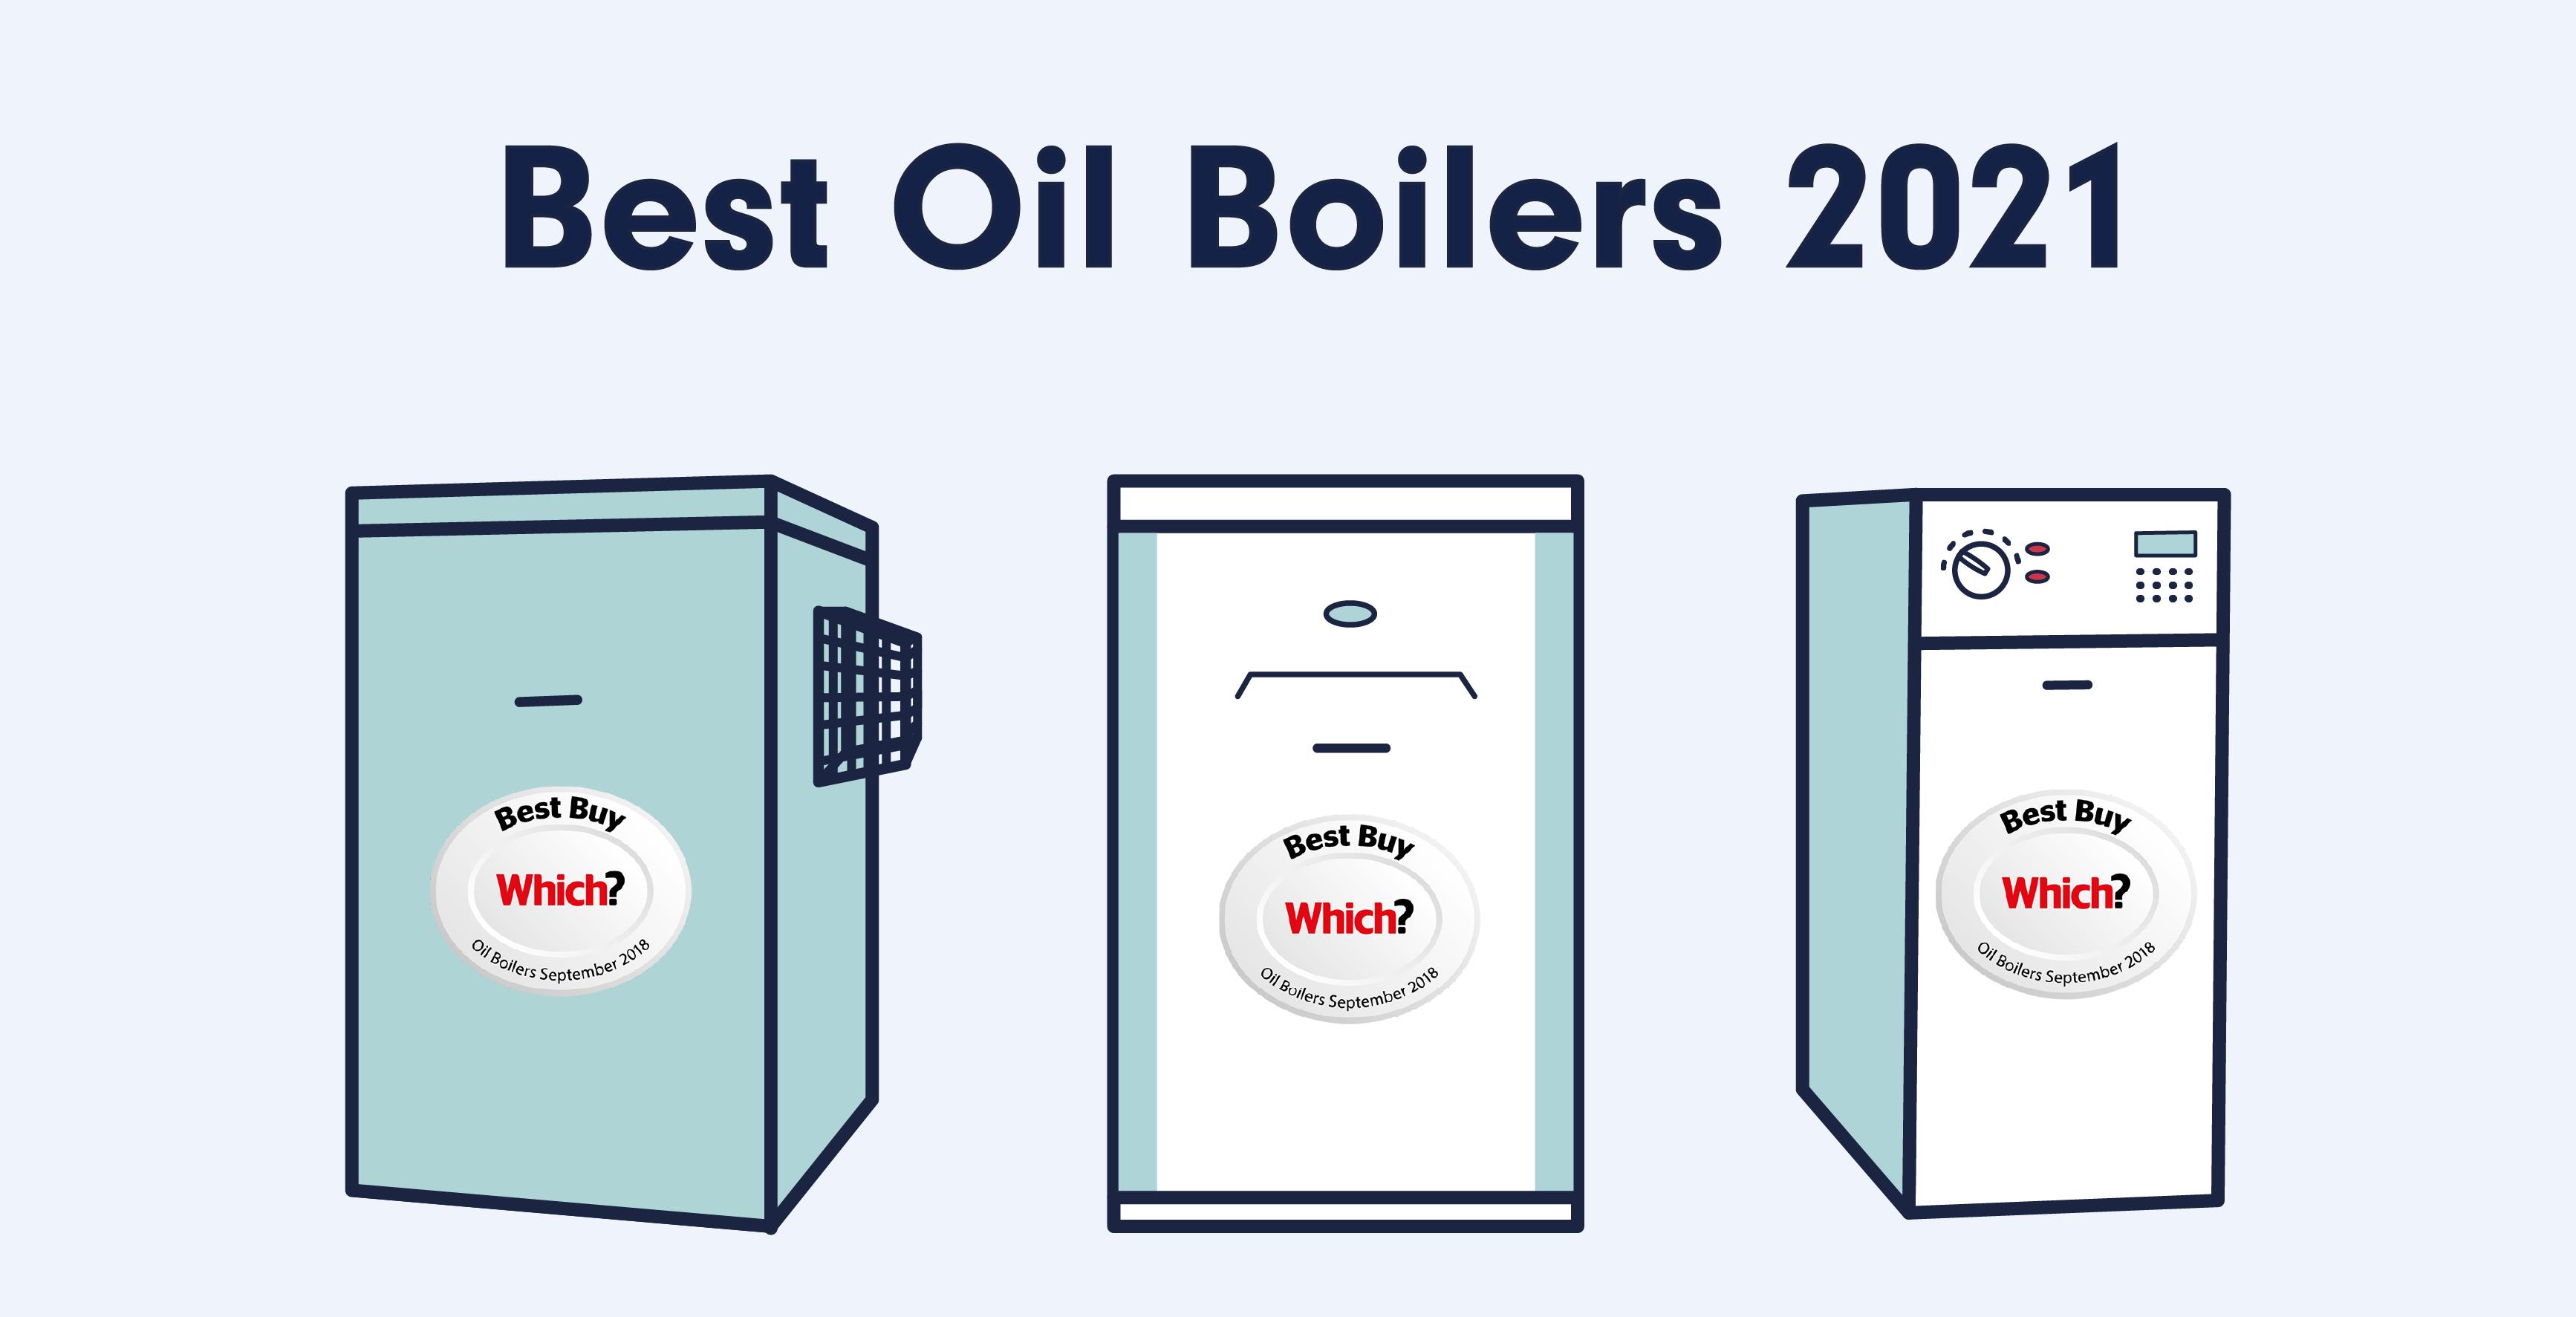 Best Oil Boilers 2021